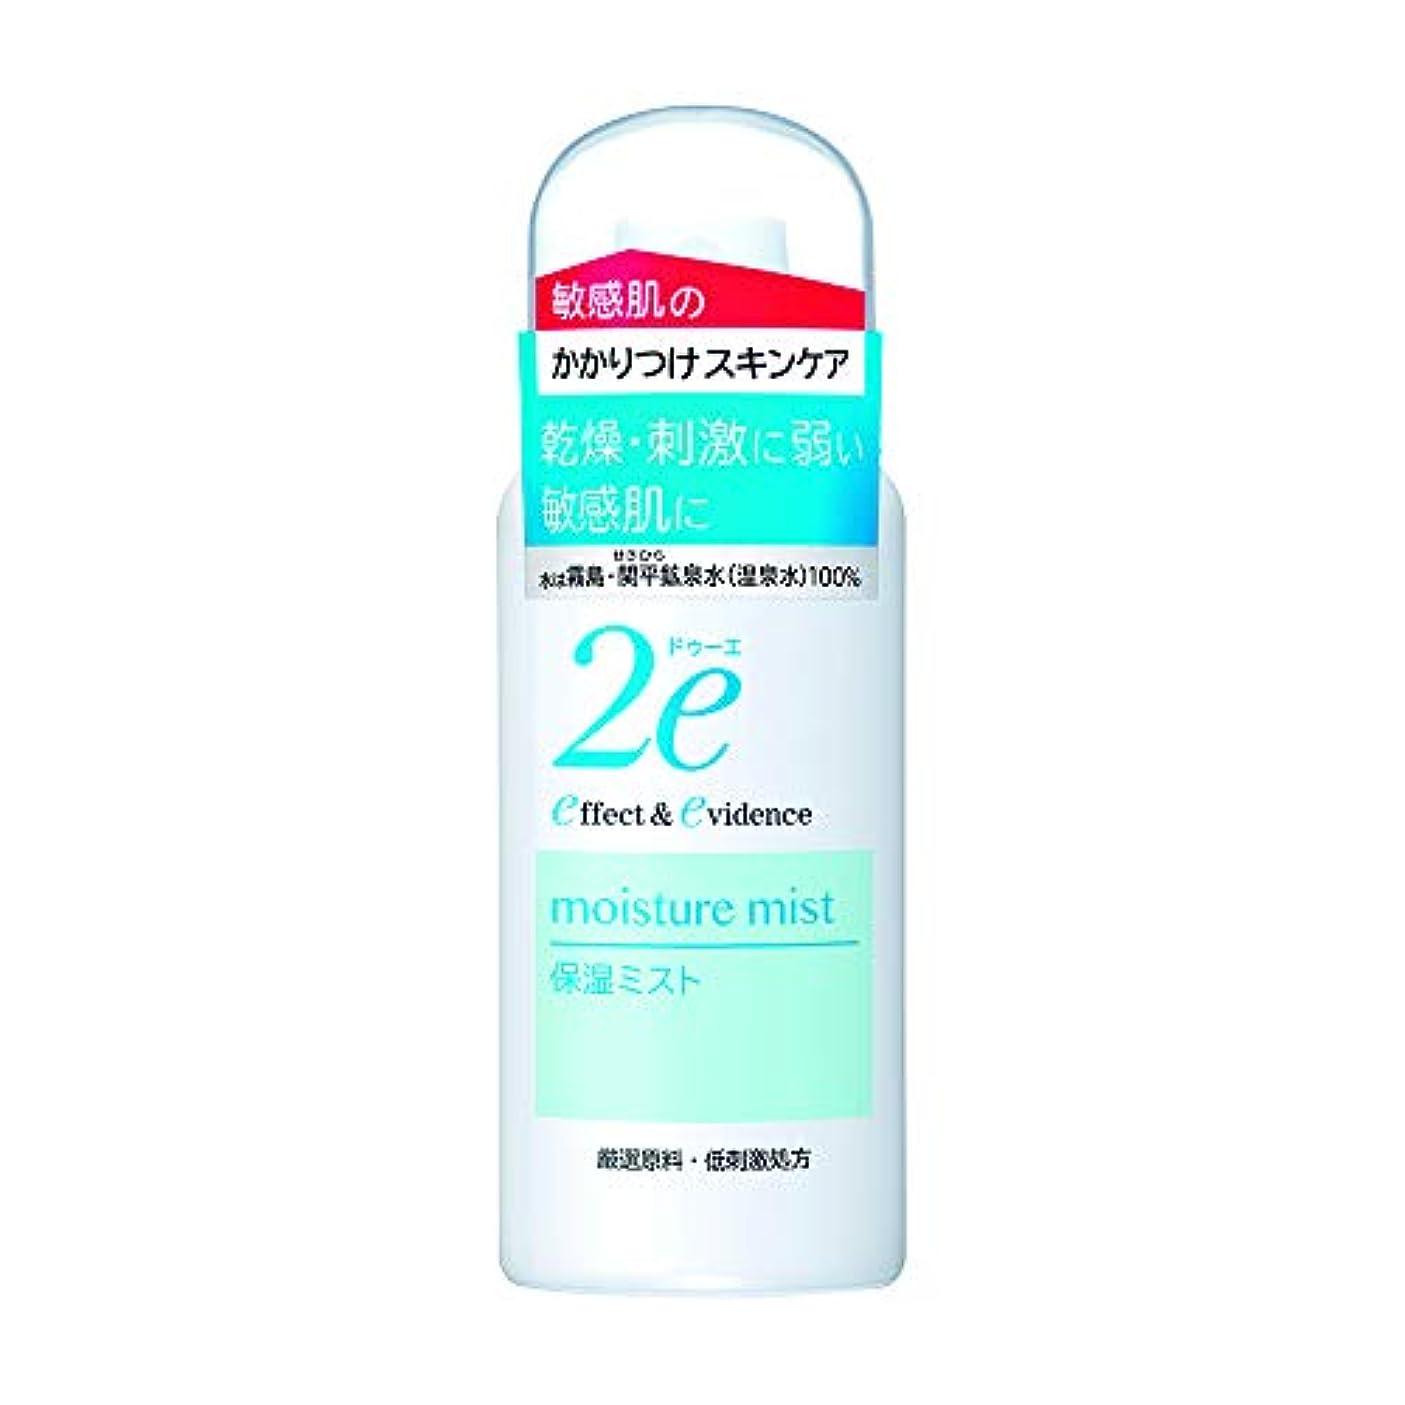 立法脅かす食用2e(ドゥーエ) ドゥーエ 保湿ミスト(携帯) 化粧水 50g